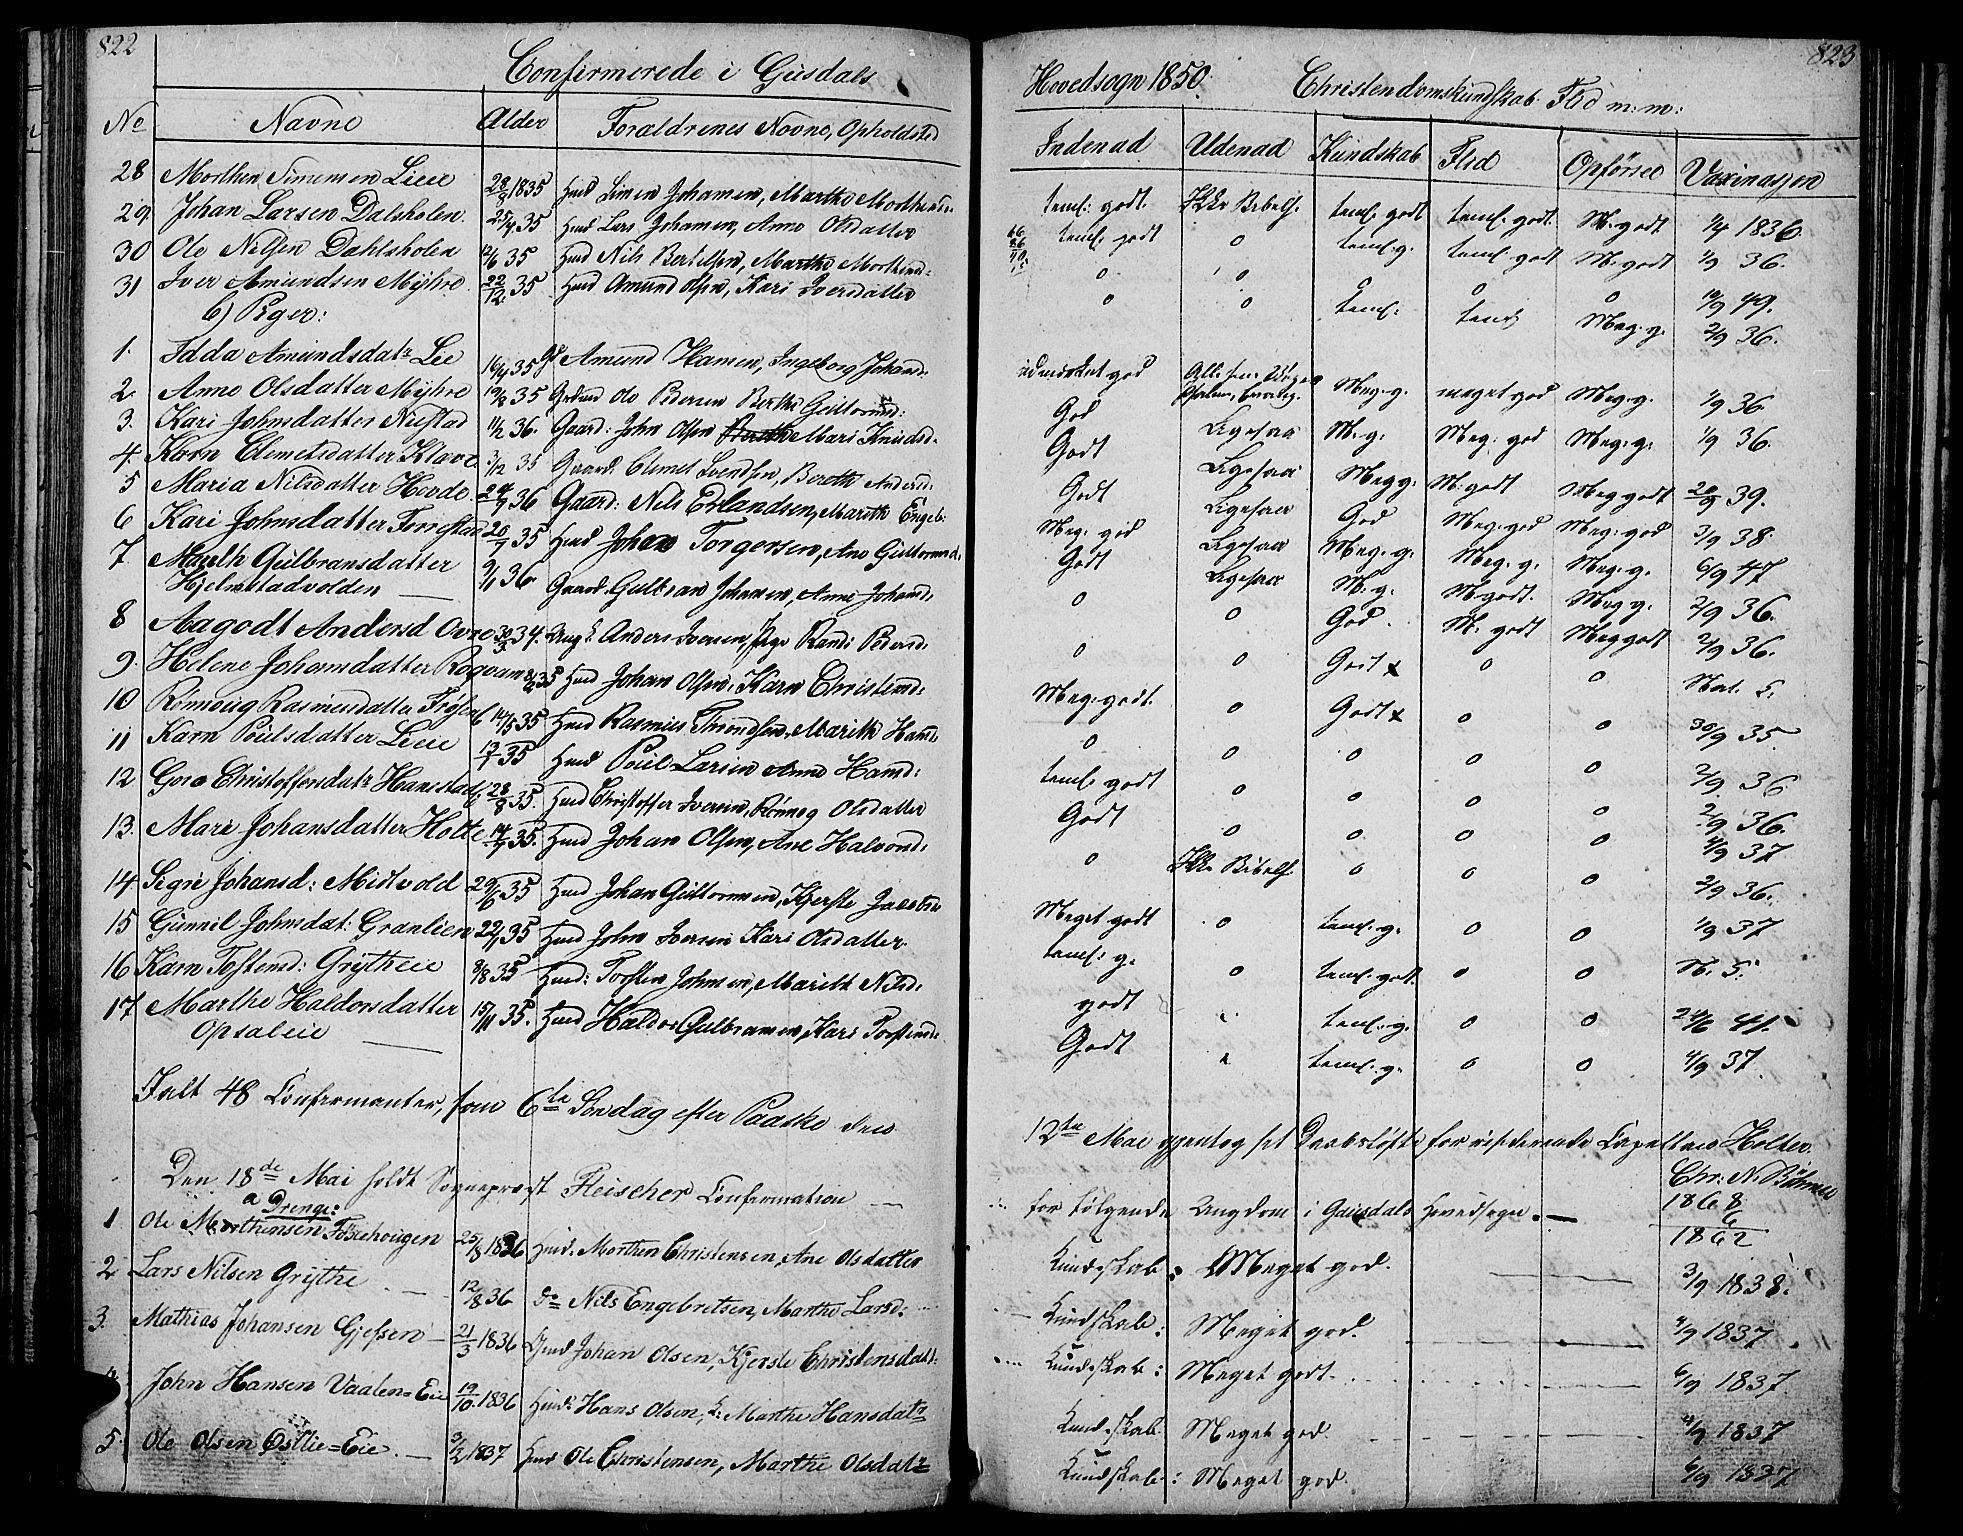 SAH, Gausdal prestekontor, Klokkerbok nr. 4, 1835-1870, s. 822-823